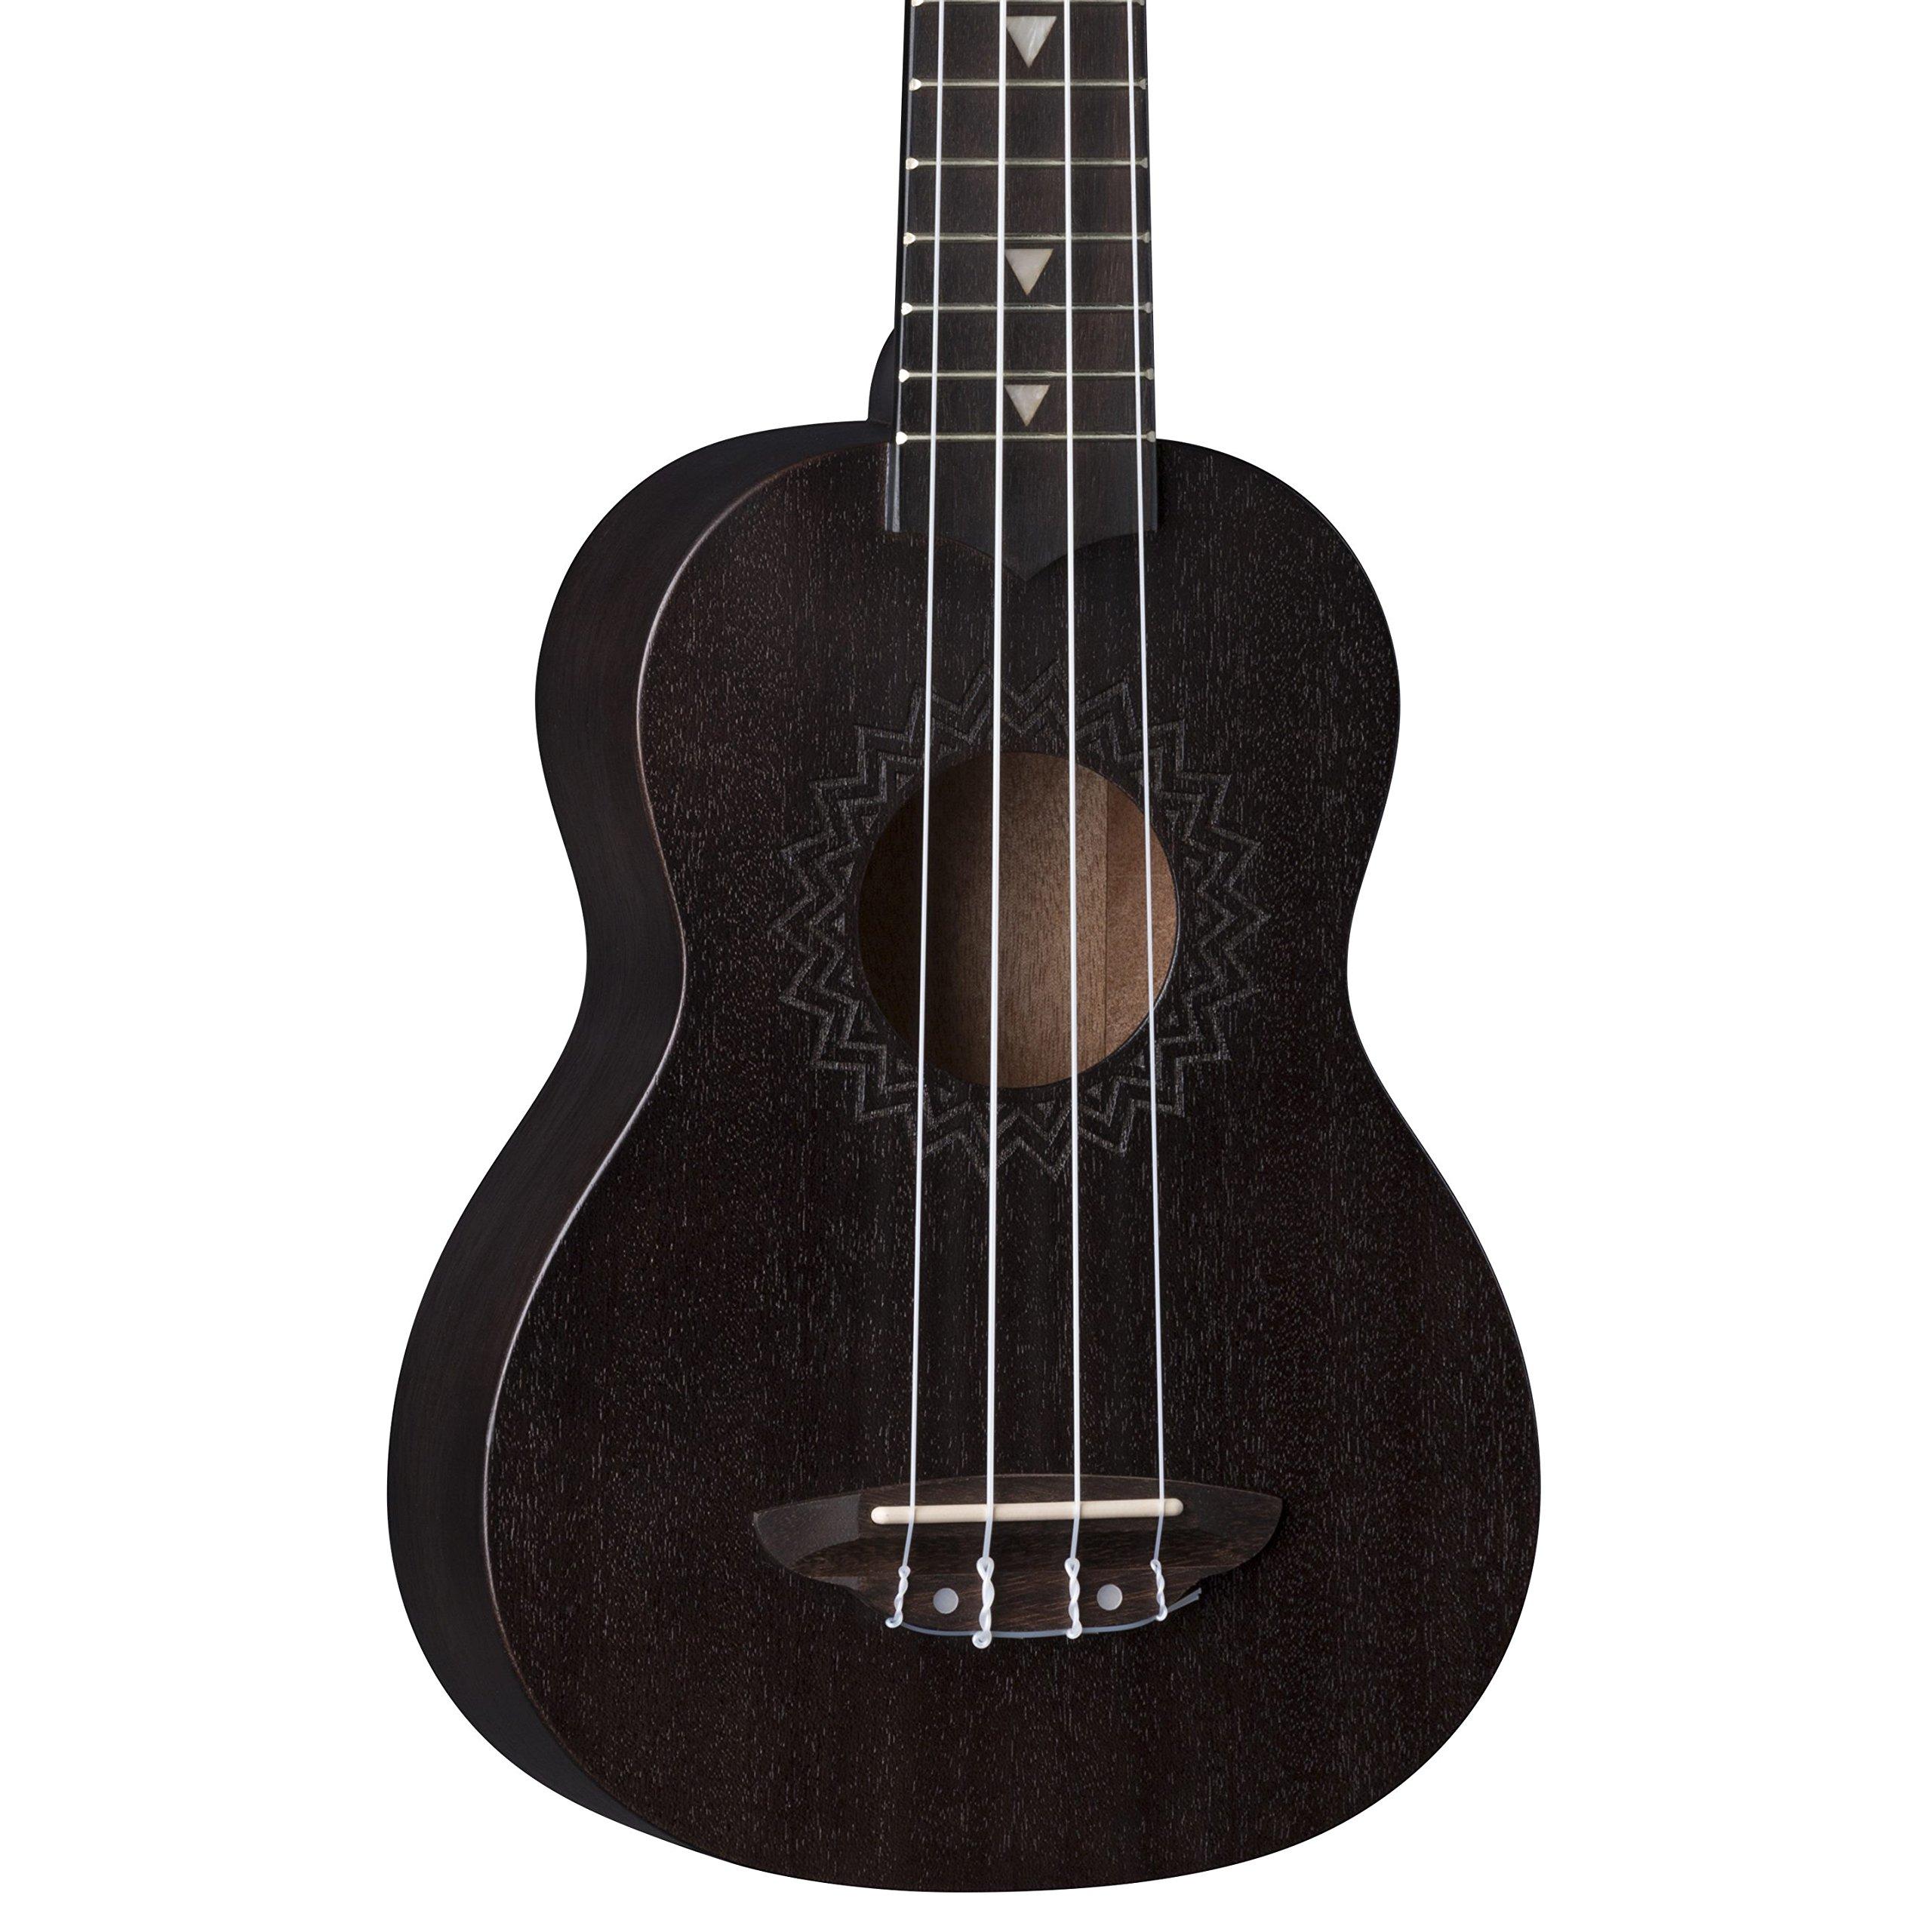 Luna Ukulele Vintage Mahogany Soprano, Black Satin by Luna Guitars (Image #1)